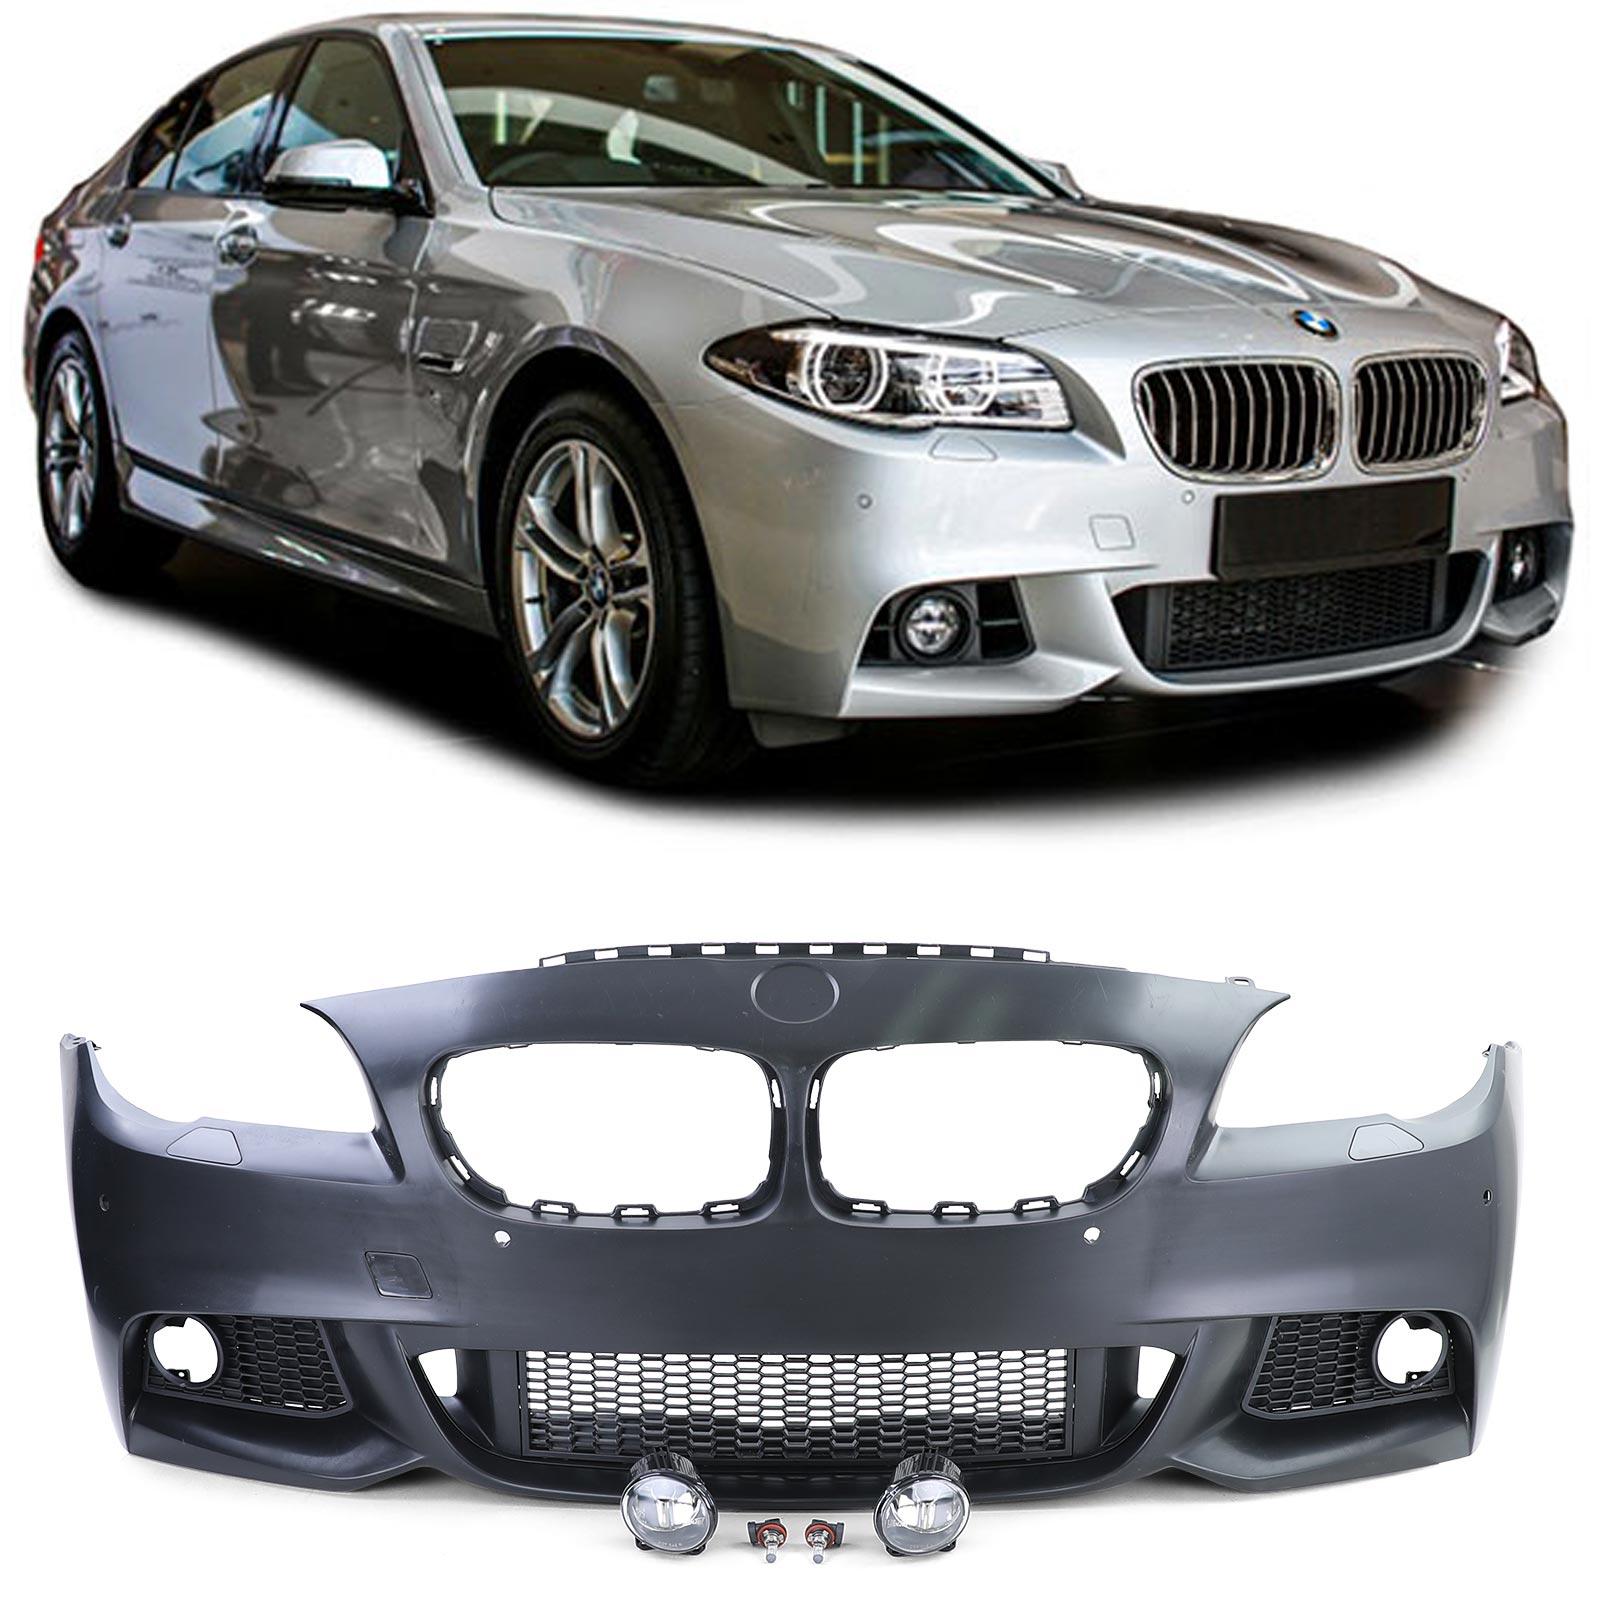 Parachoques Frente BMW F10/F11/F18 10-12 Look M-Tech com farois nevoeiro